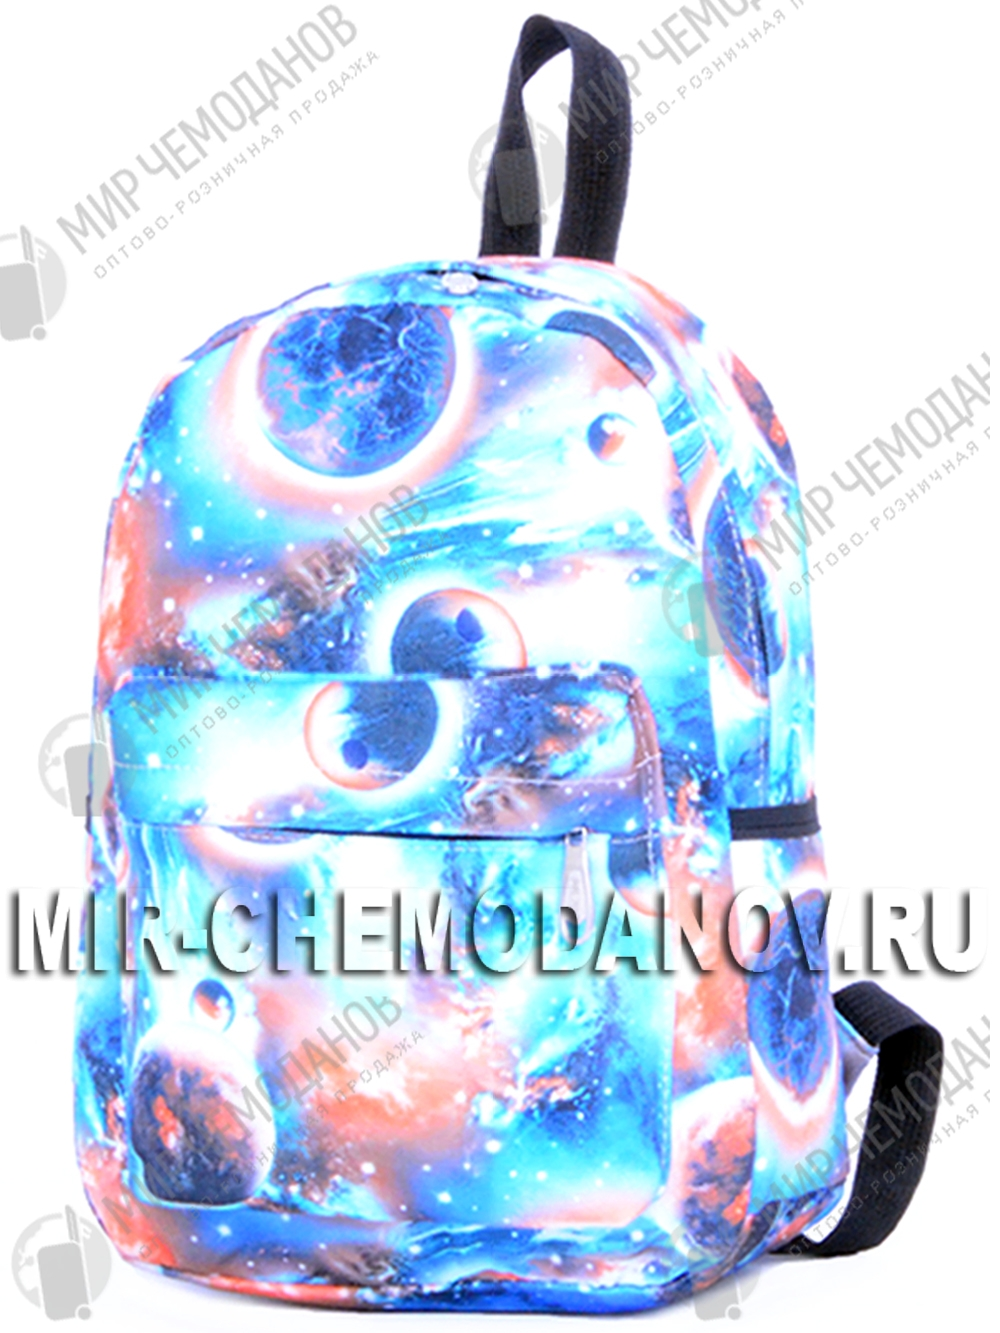 Сбор заказов. Рюкзаки для малышей и подростков, а также планшеты и детские чемоданы. Огромный выбор на любой цвет и вкус-7 СКОРО СТОП!!!!!!!!!!!!!